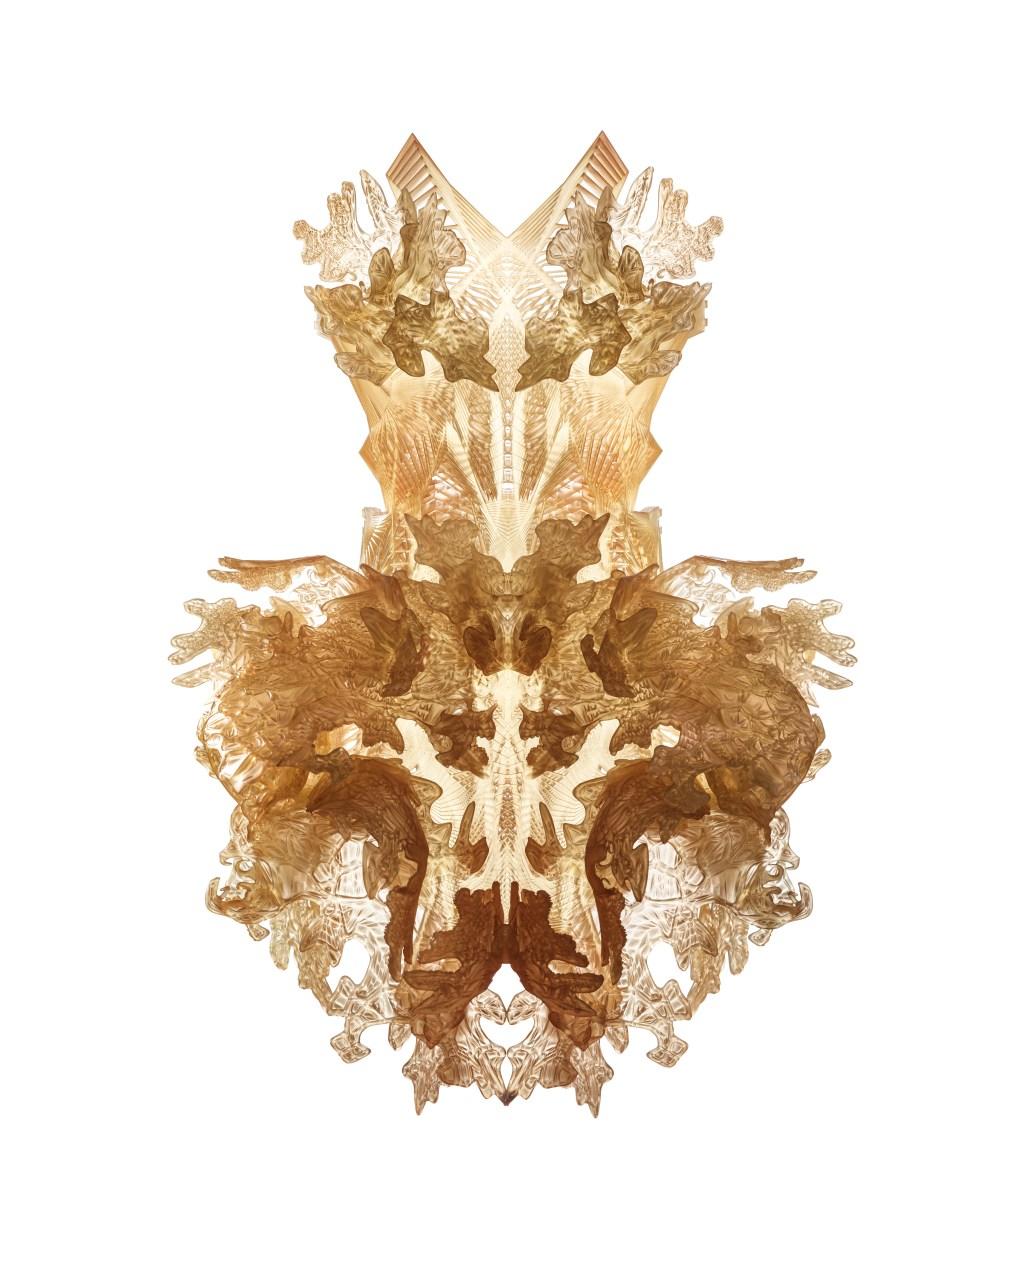 Iris van Herpen (Holanda, nacida en 1984), Hybrid Holism, Vestido, Julio 2012. Polímero curado con UV impreso en 3D. En colaboración con Julia Koerner y Materialise. High Museum of Art, Con el aval de Friends of Iris van Herpen, 2015.170. Foto por Bart Oomes, No 6 Studios. © Iris van Herpen.